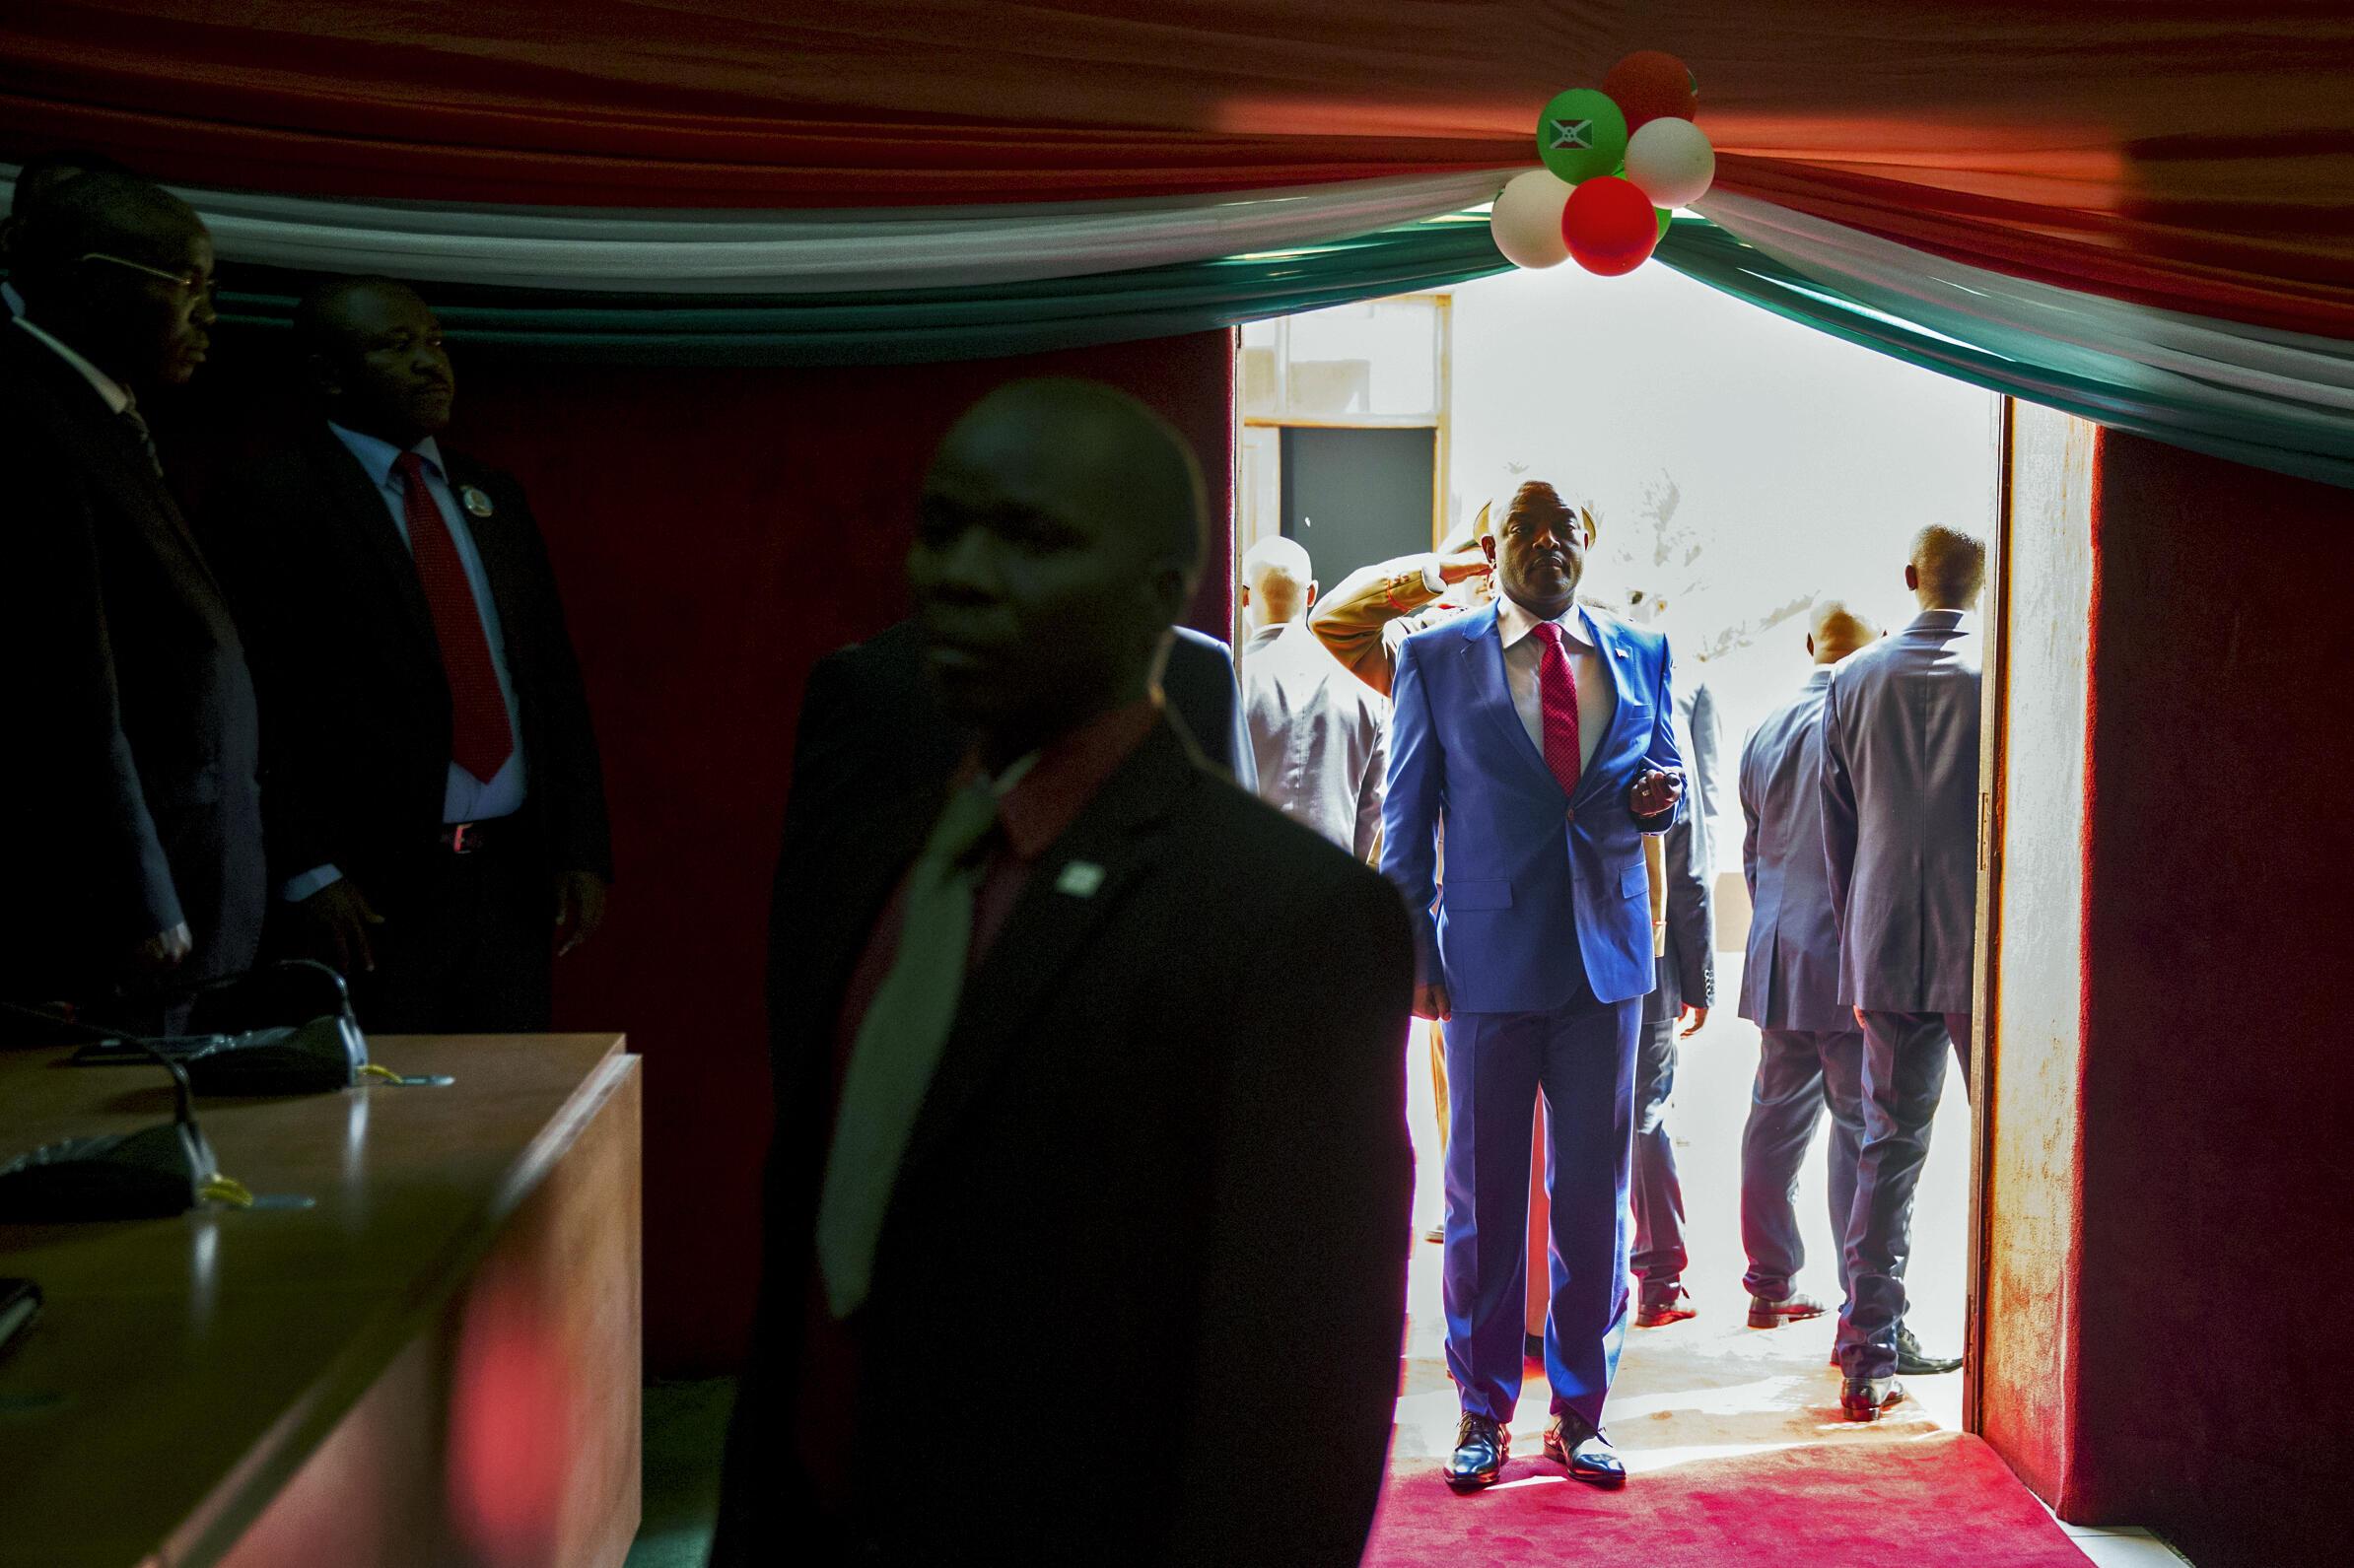 Le président burundais Pierre Nkurunziza s'apprête à entrer dans le palais des Congrès de Bujumbura, pour la cérémonie de son investiture, le 20 août 2015.